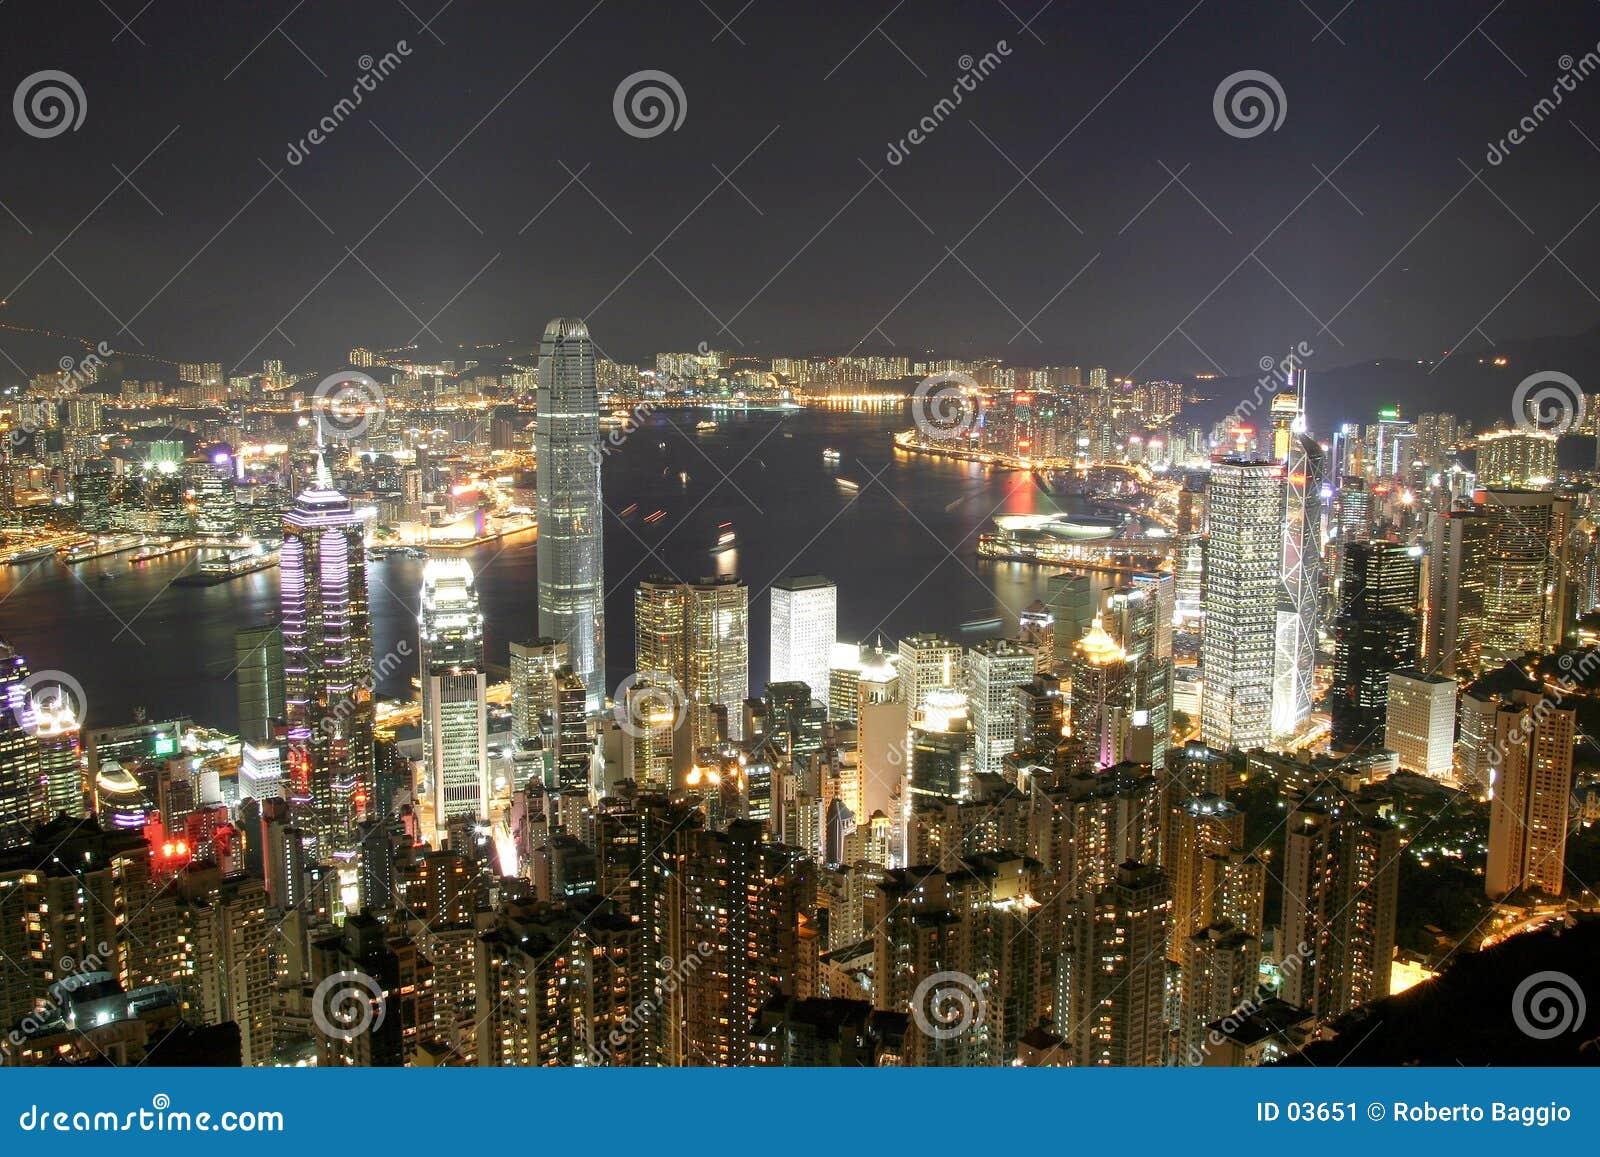 Hong kong peak